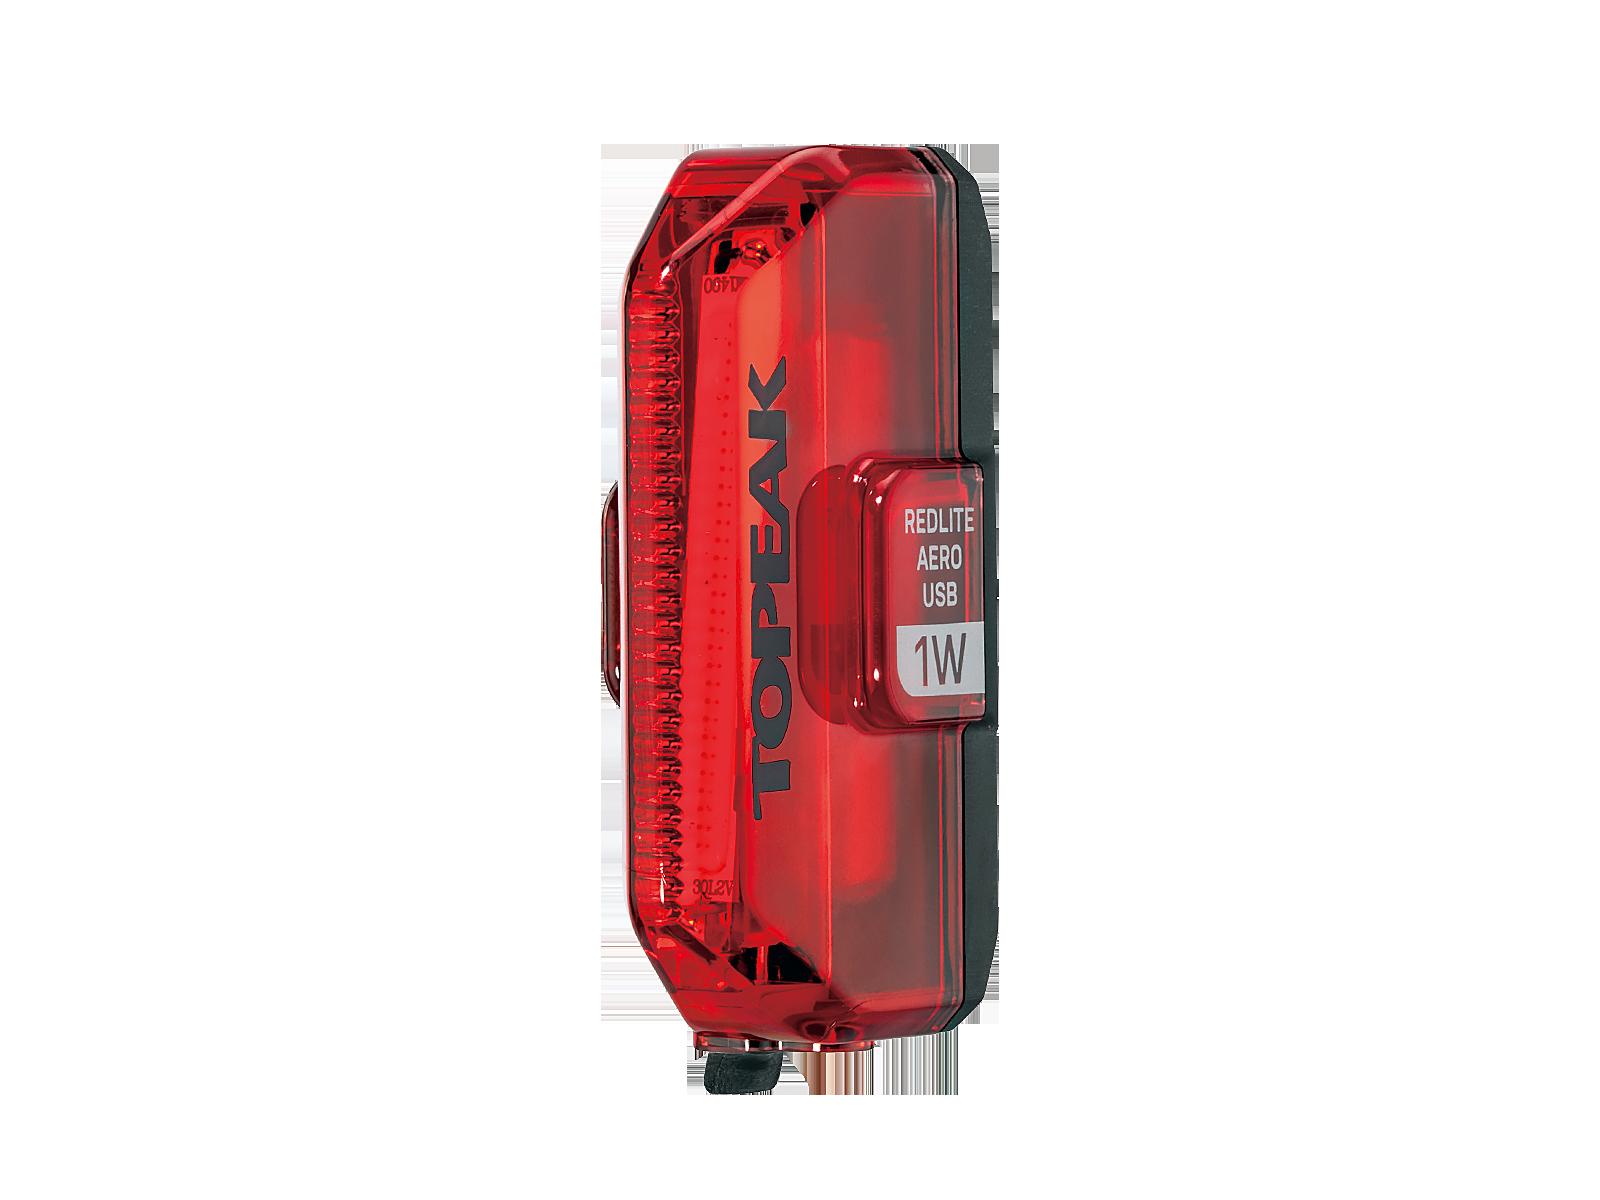 REDLITE® AERO USB 1W